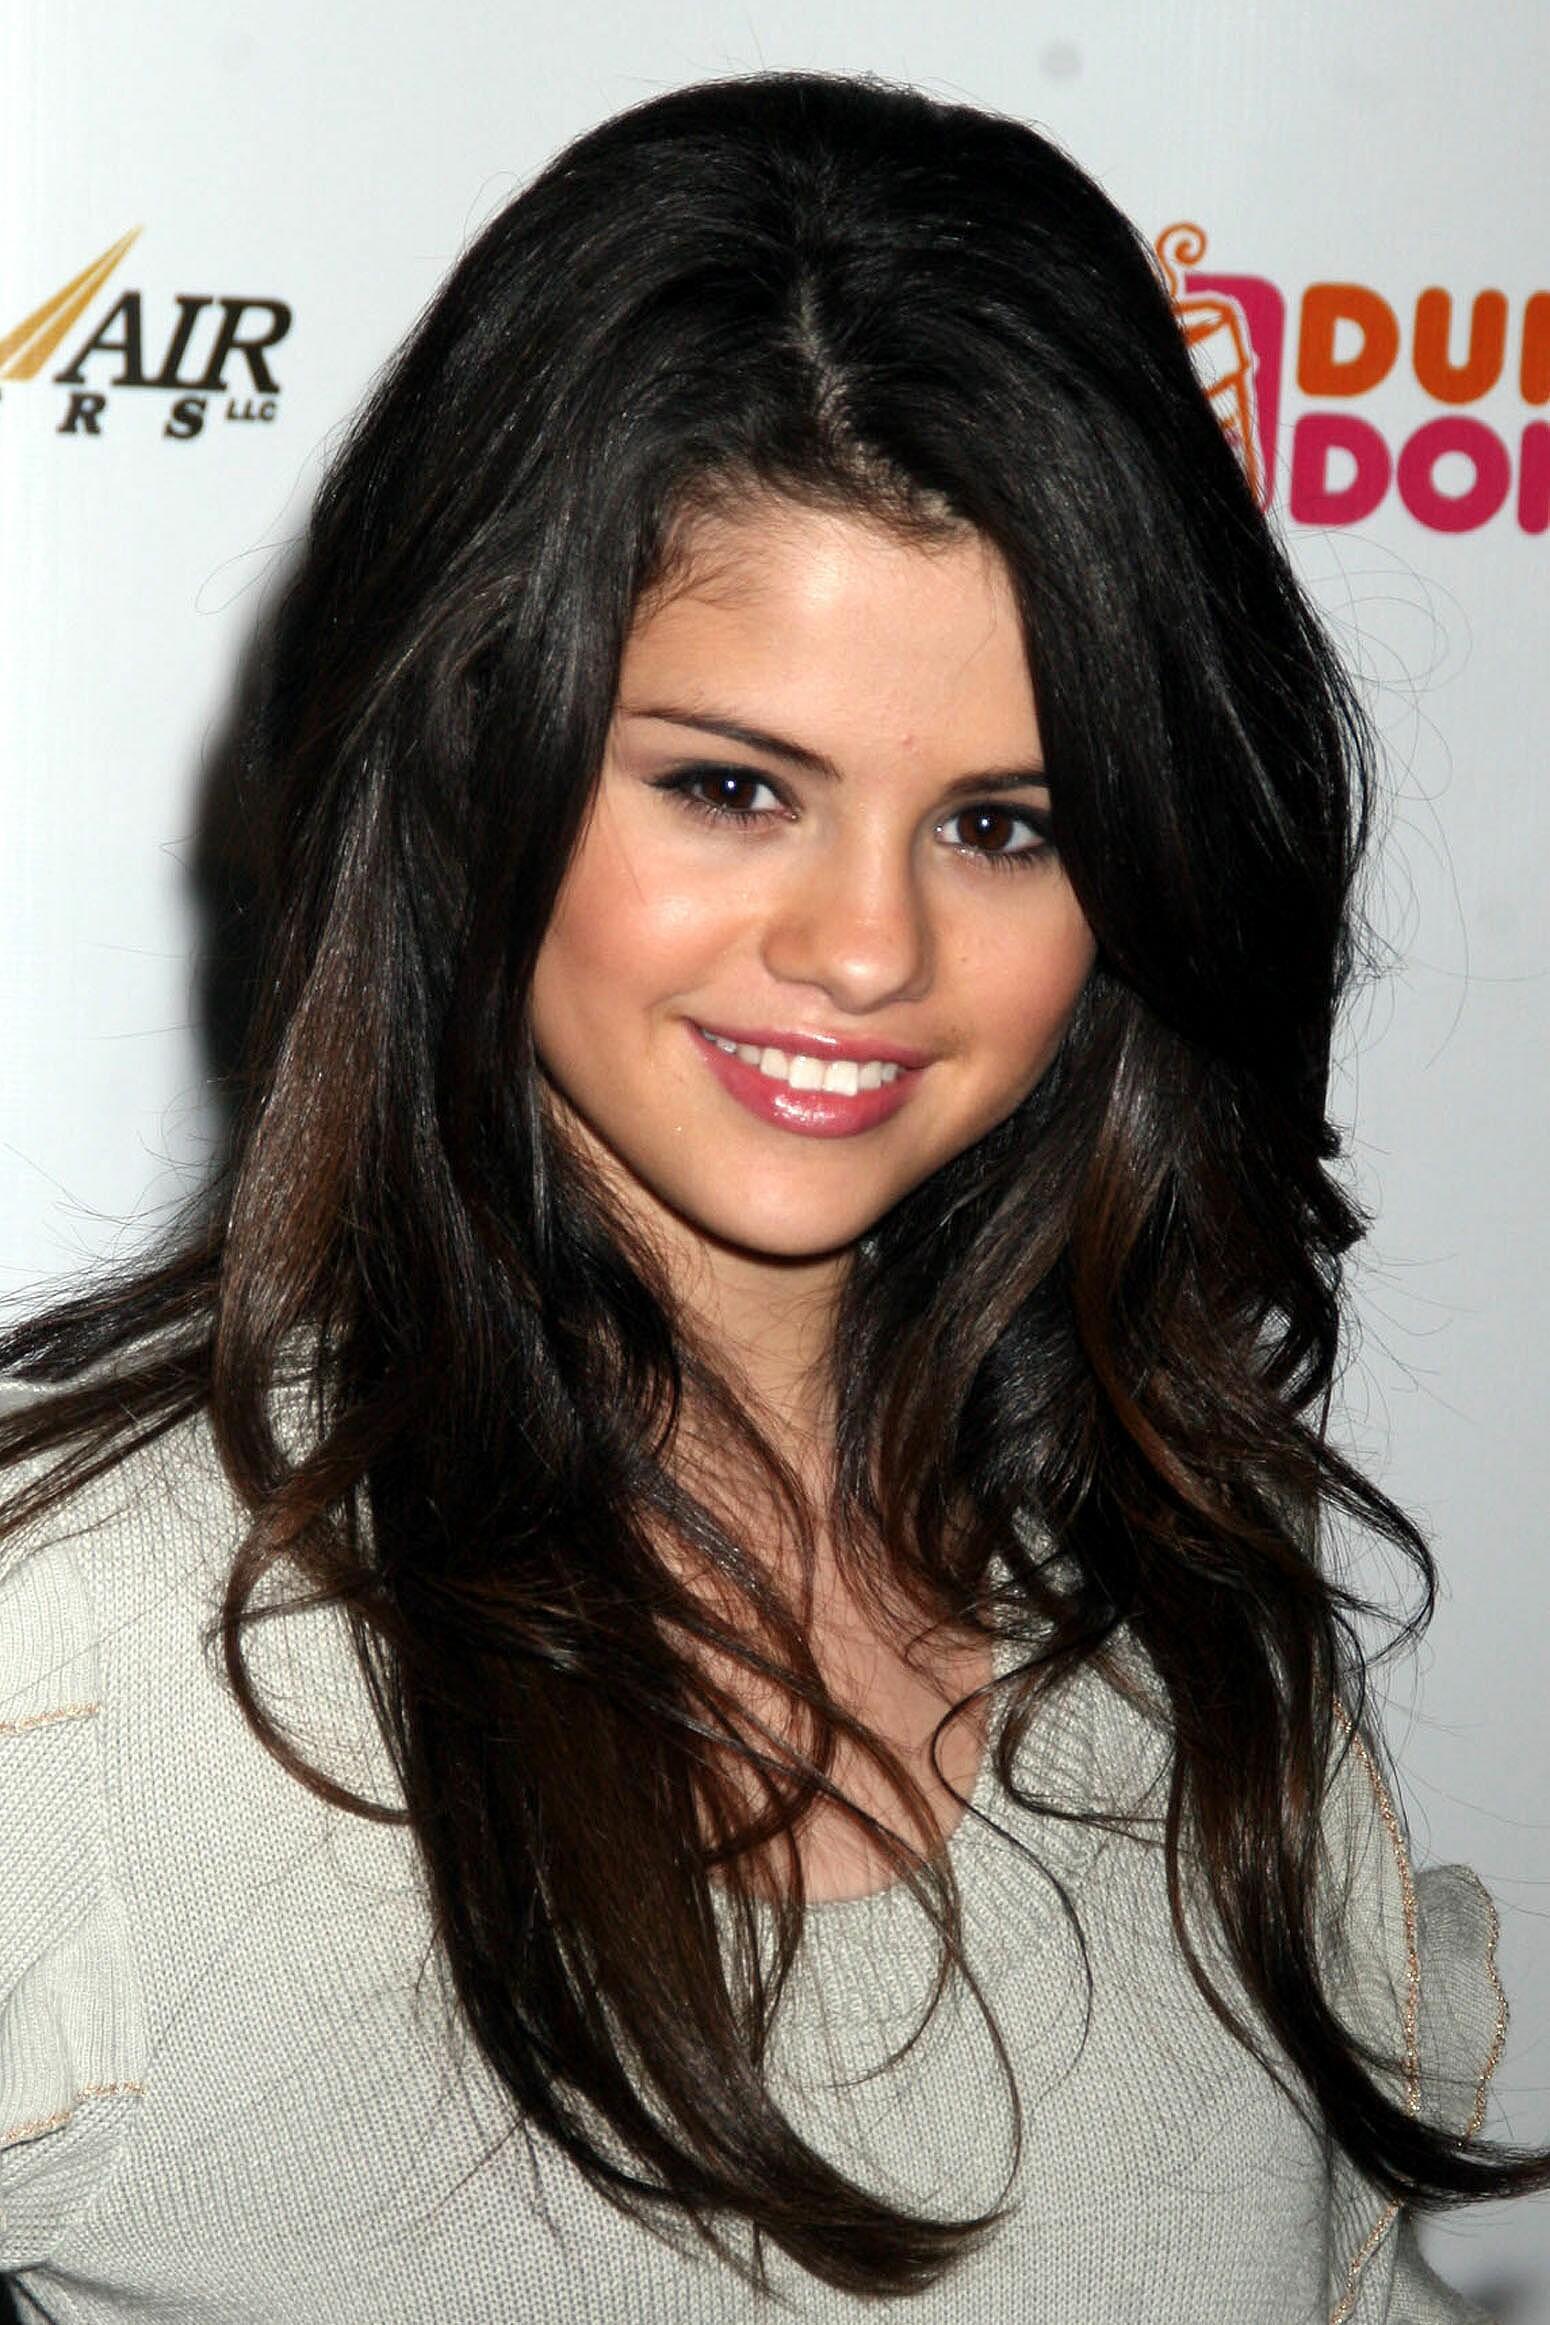 Blog de la Tele: Selena Gomez Fotos MUY SEXY en Spring